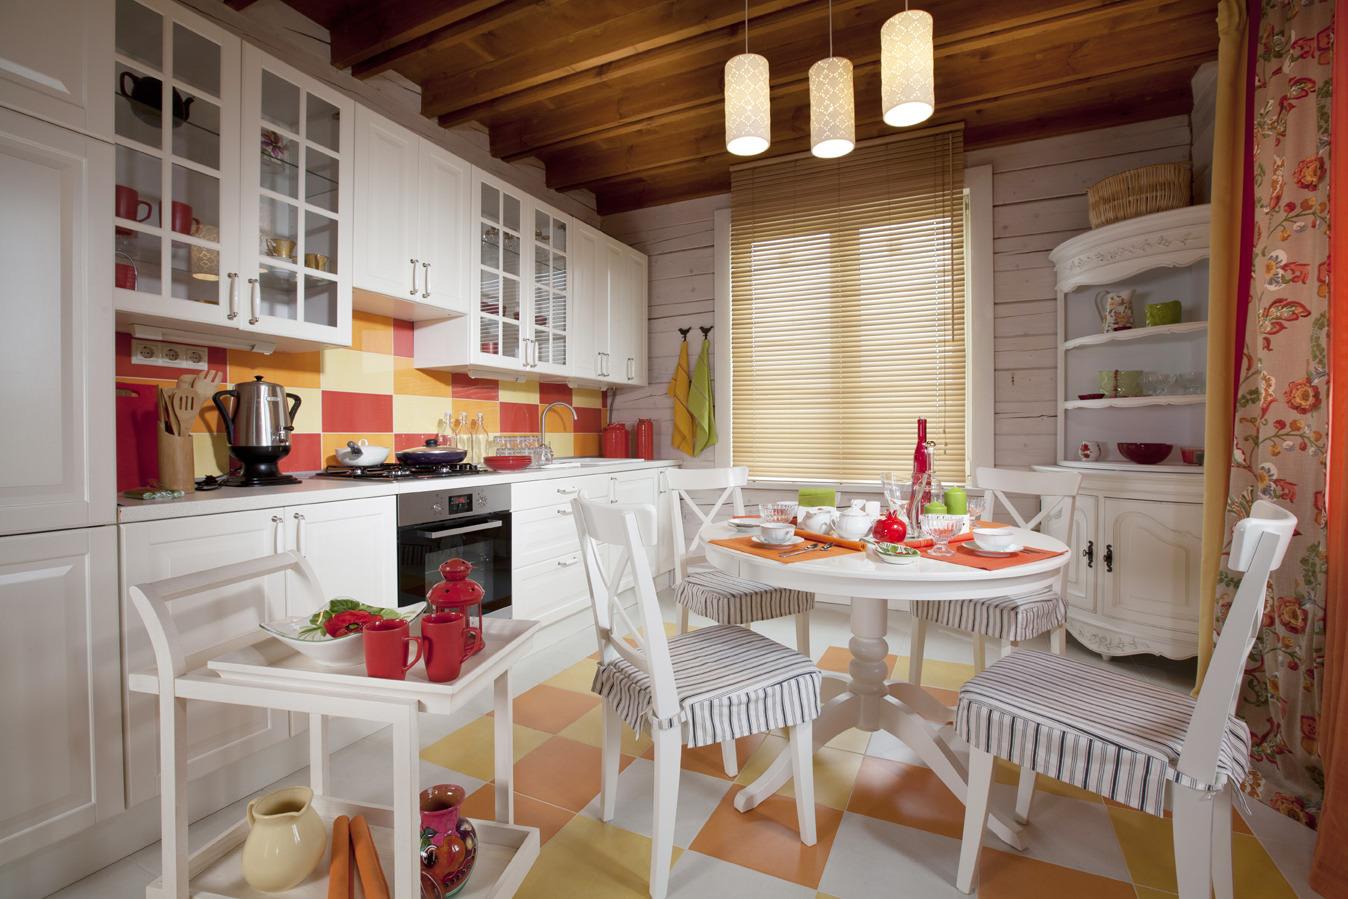 Белый, красный и оранжевый цвета в интерьере кухни в стиле прованс